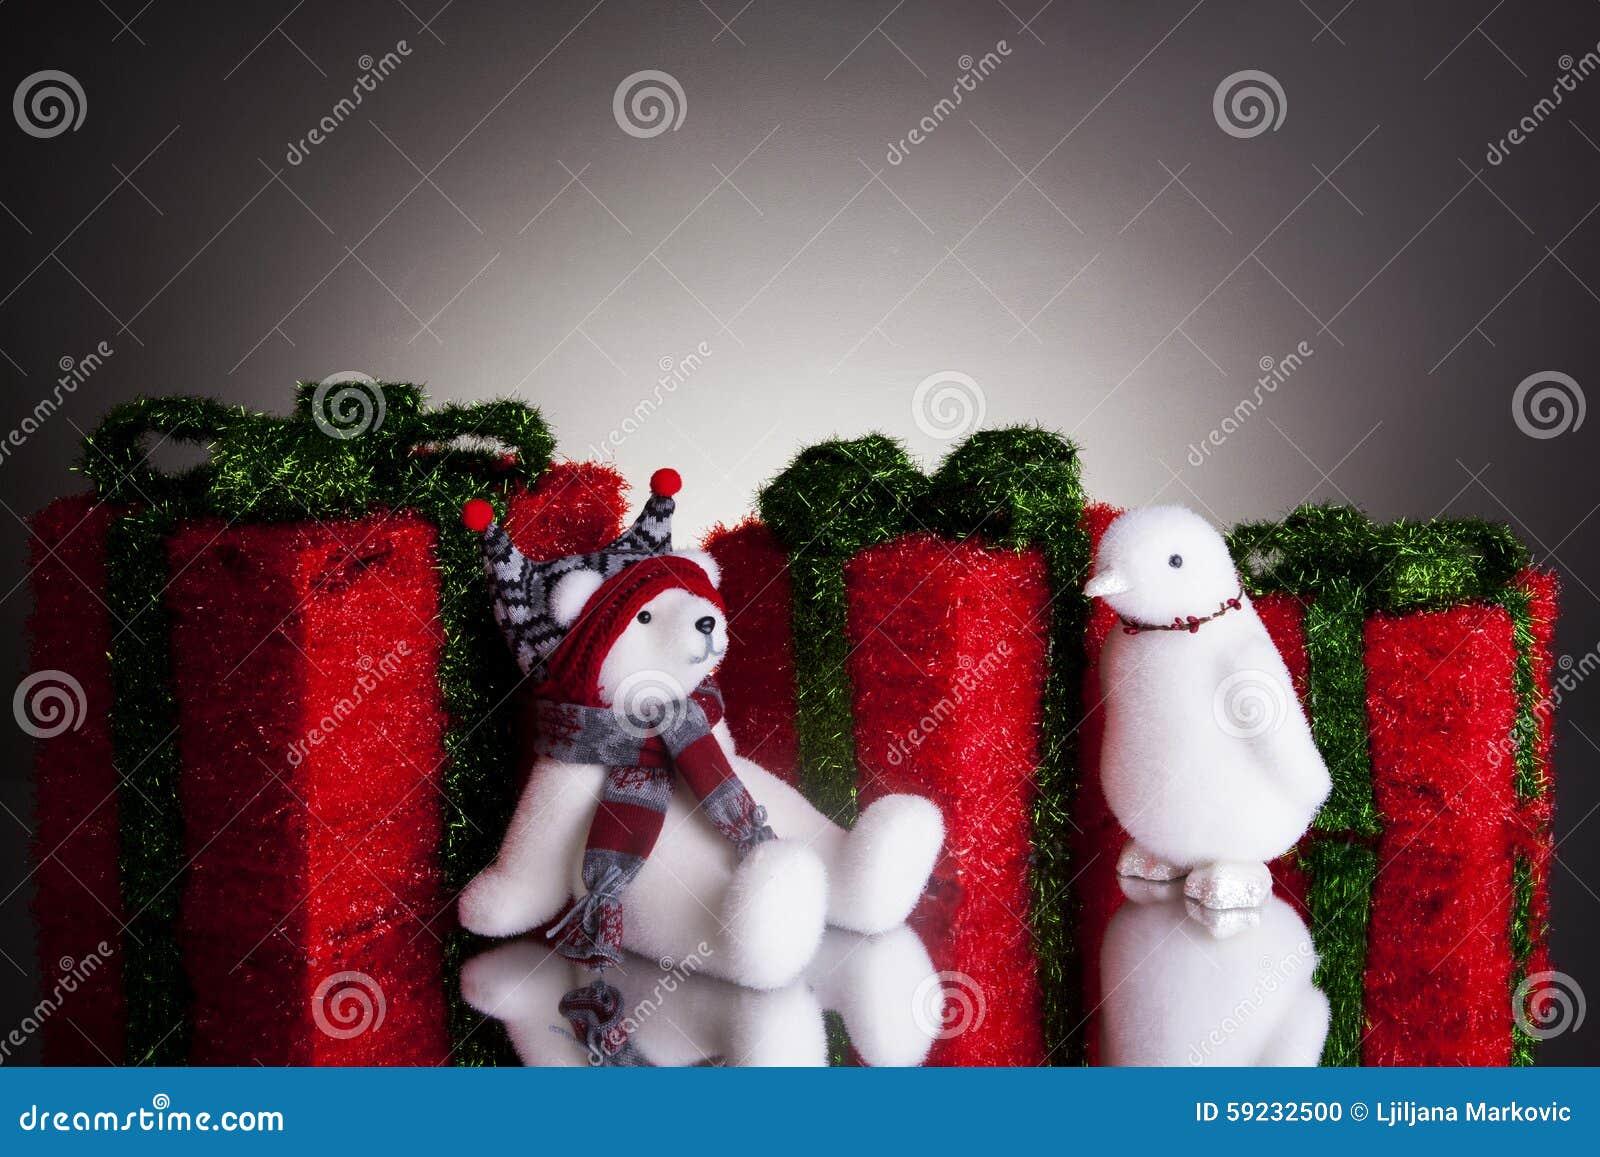 Regalos de Navidad con el oso polar mullido y un pingüino